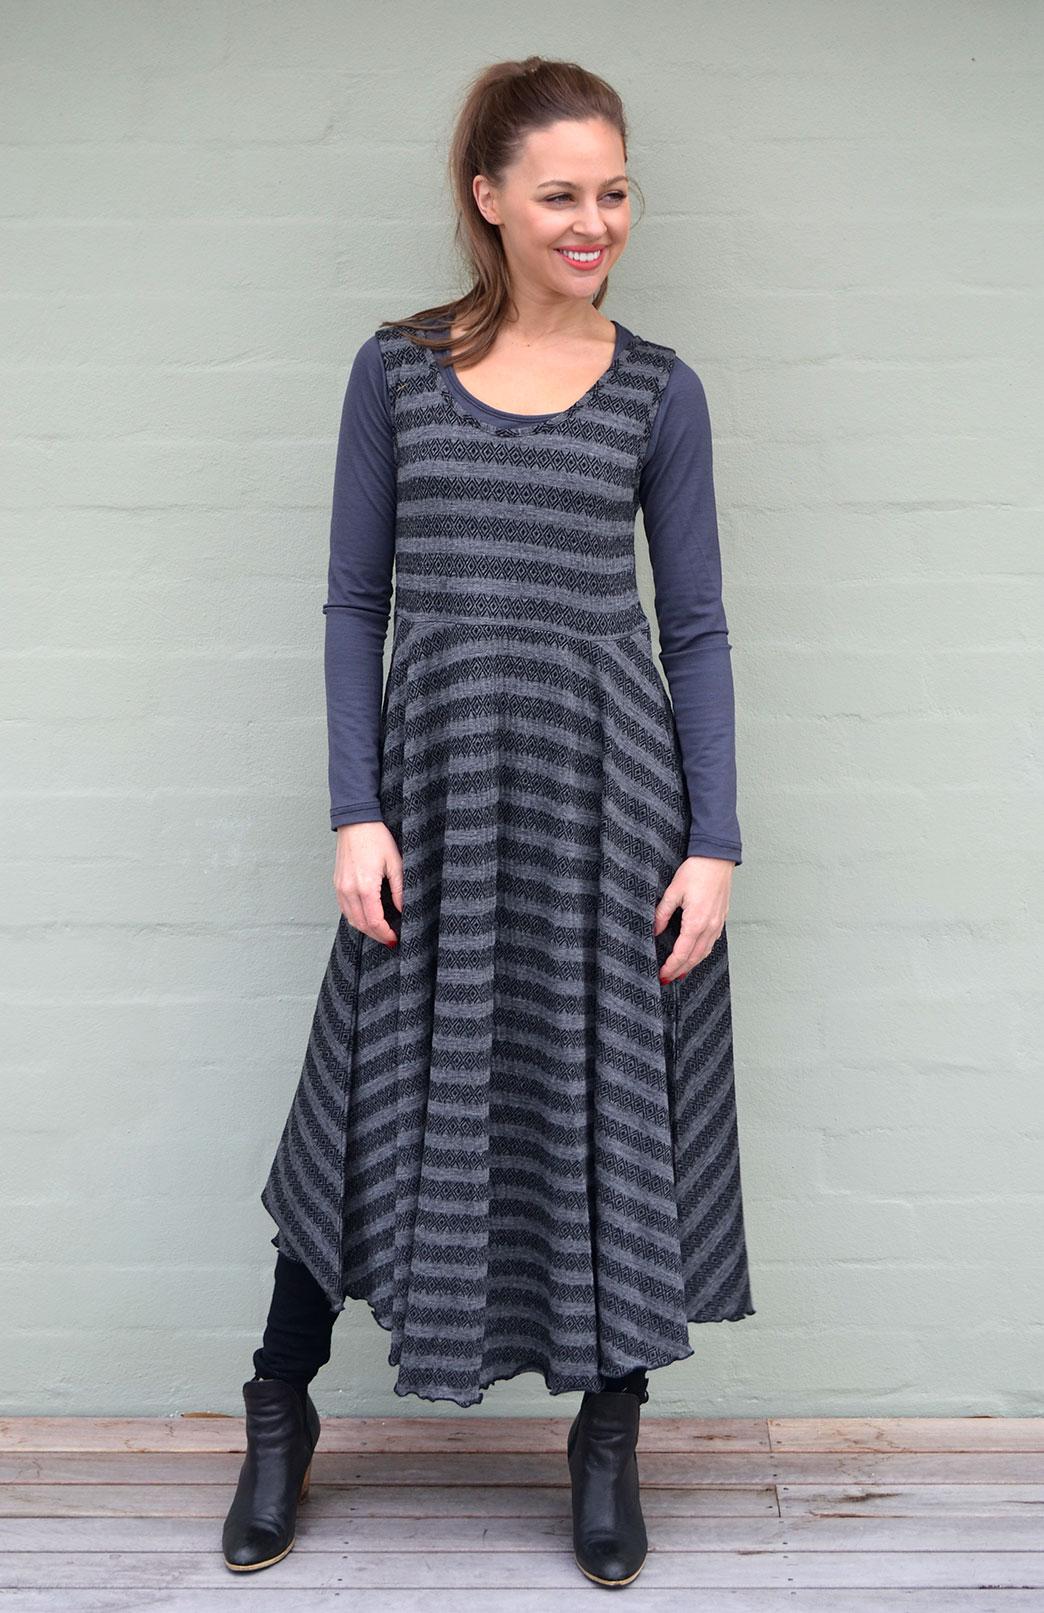 Fan Dress - Patterned - Women's Black Aztec Patterned Wool Fan Dress with Empire Waistline - Smitten Merino Tasmania Australia